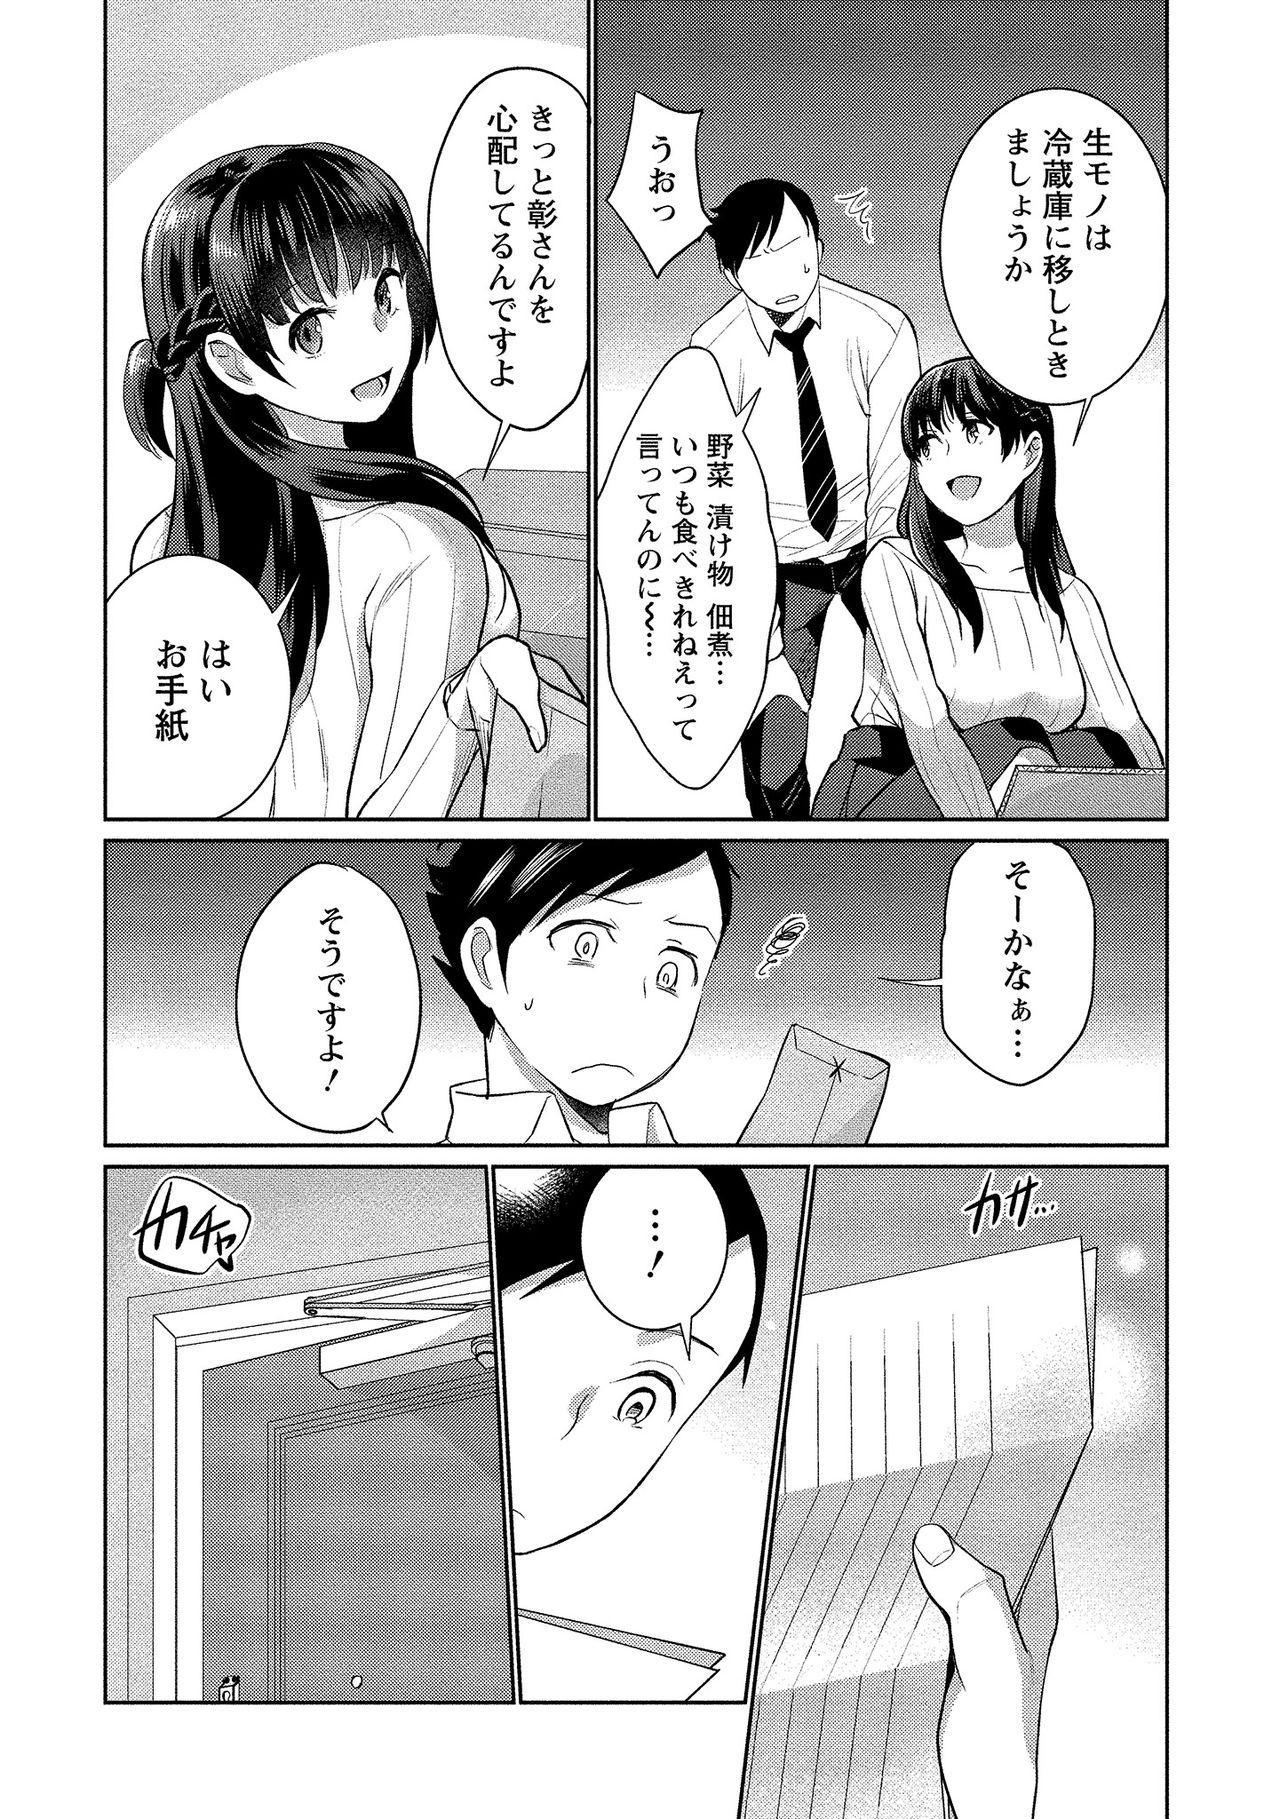 Dorobou Neko wa Kanojo no Hajimari 106